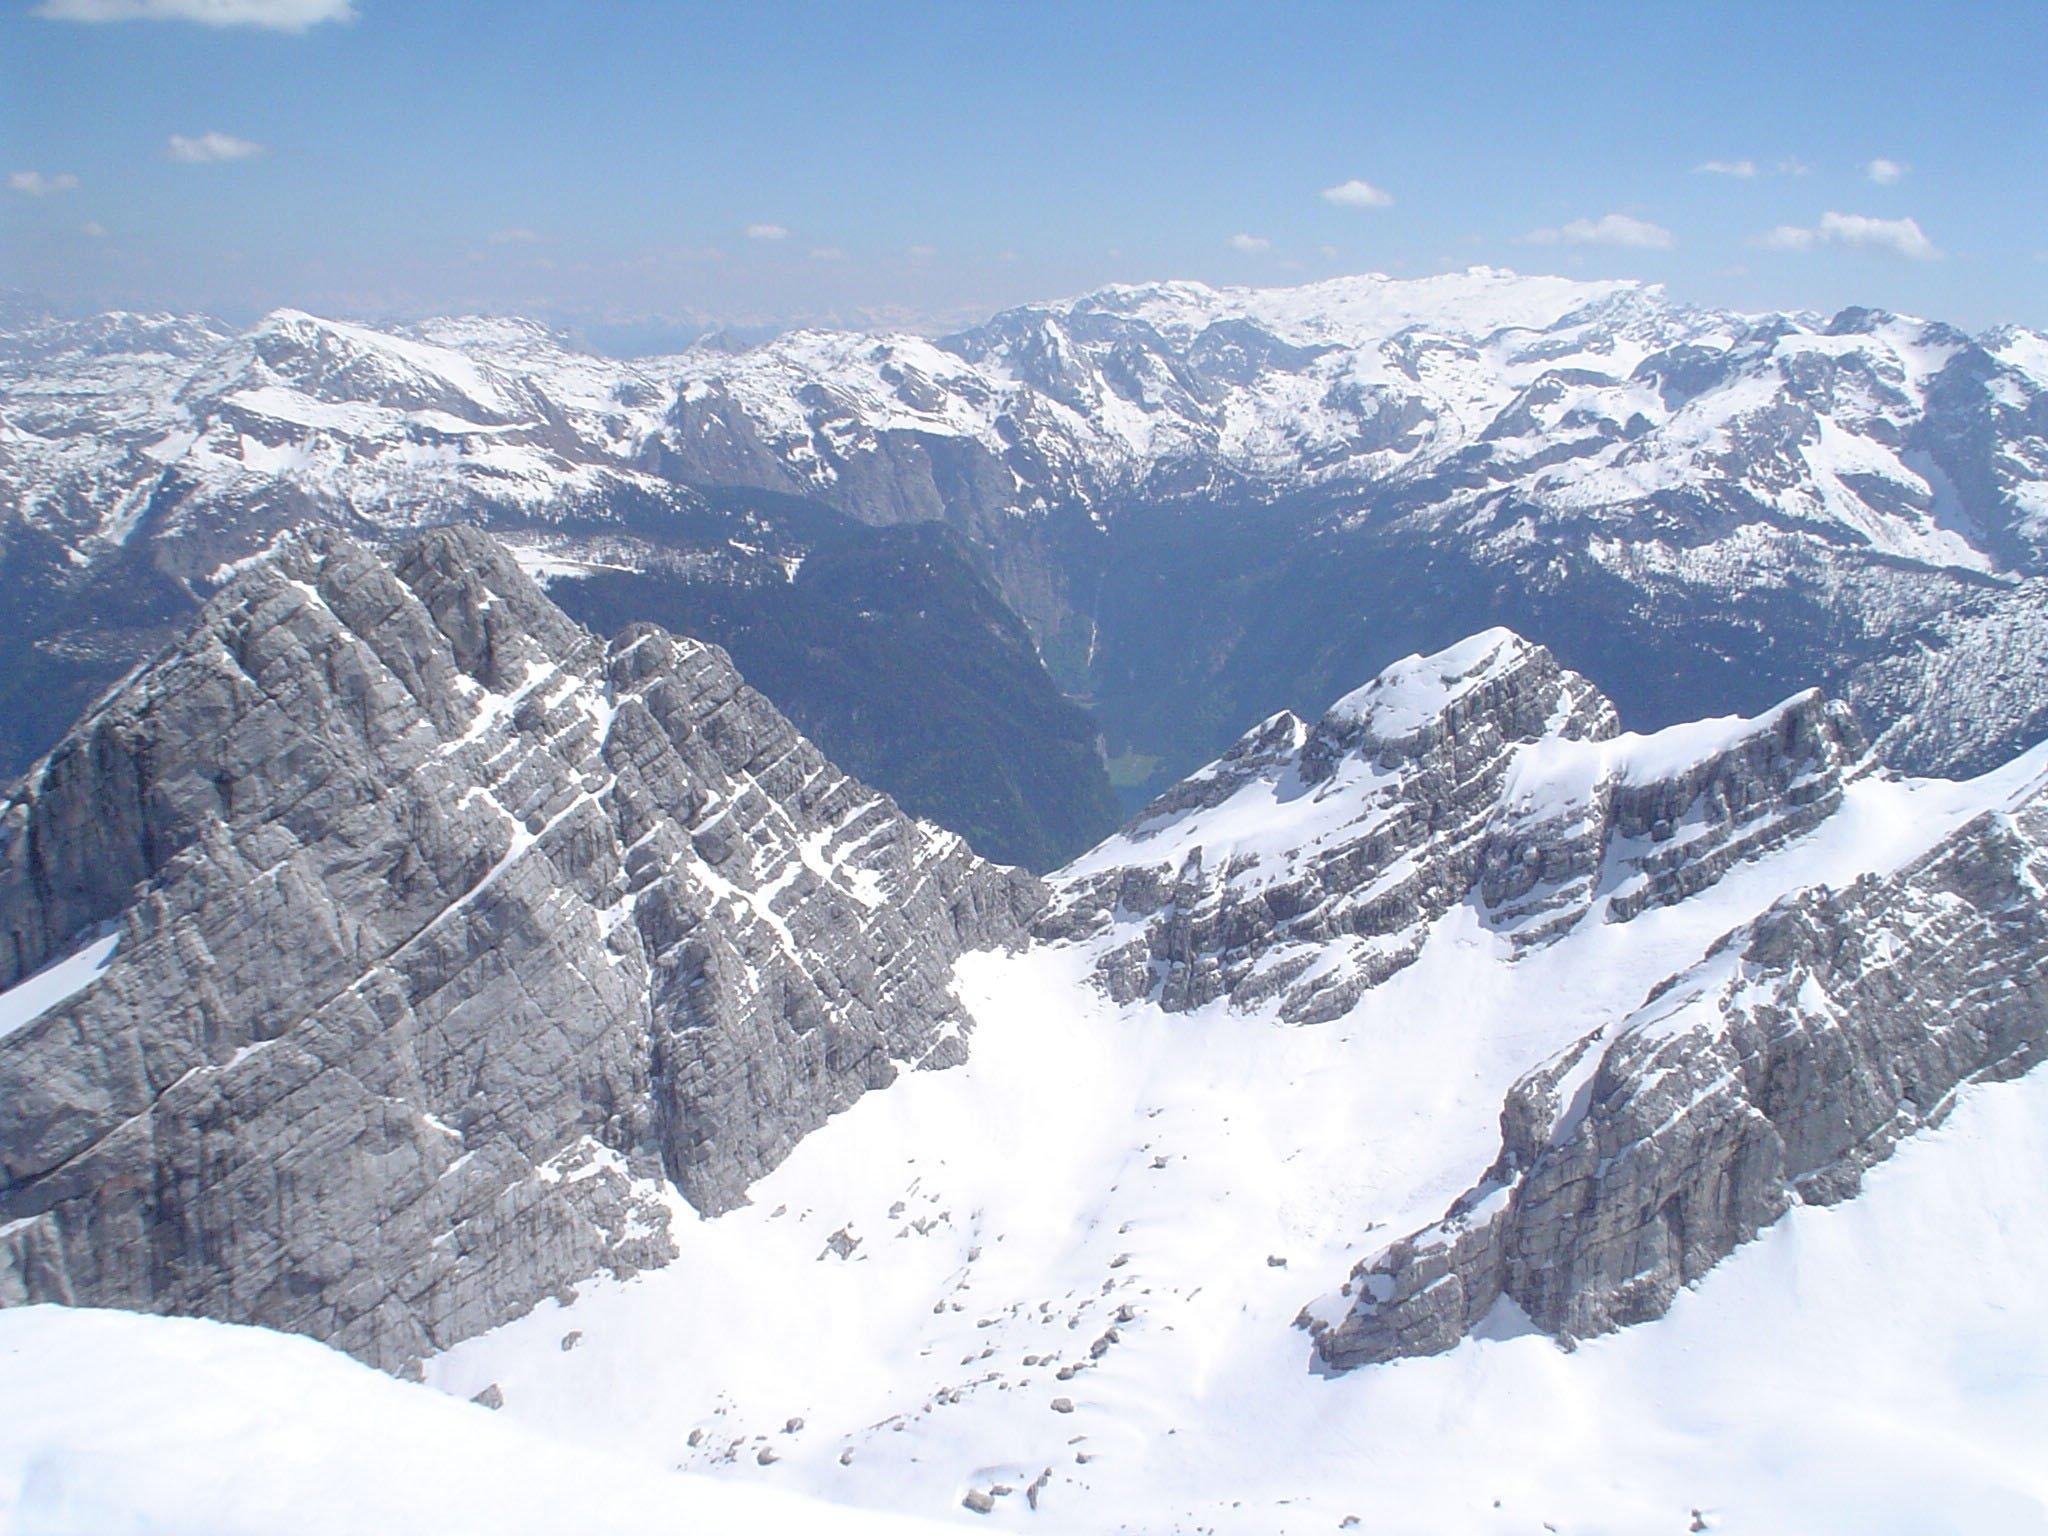 T l charger fonds d 39 cran montagne enneig e gratuitement for Fond ecran montagne